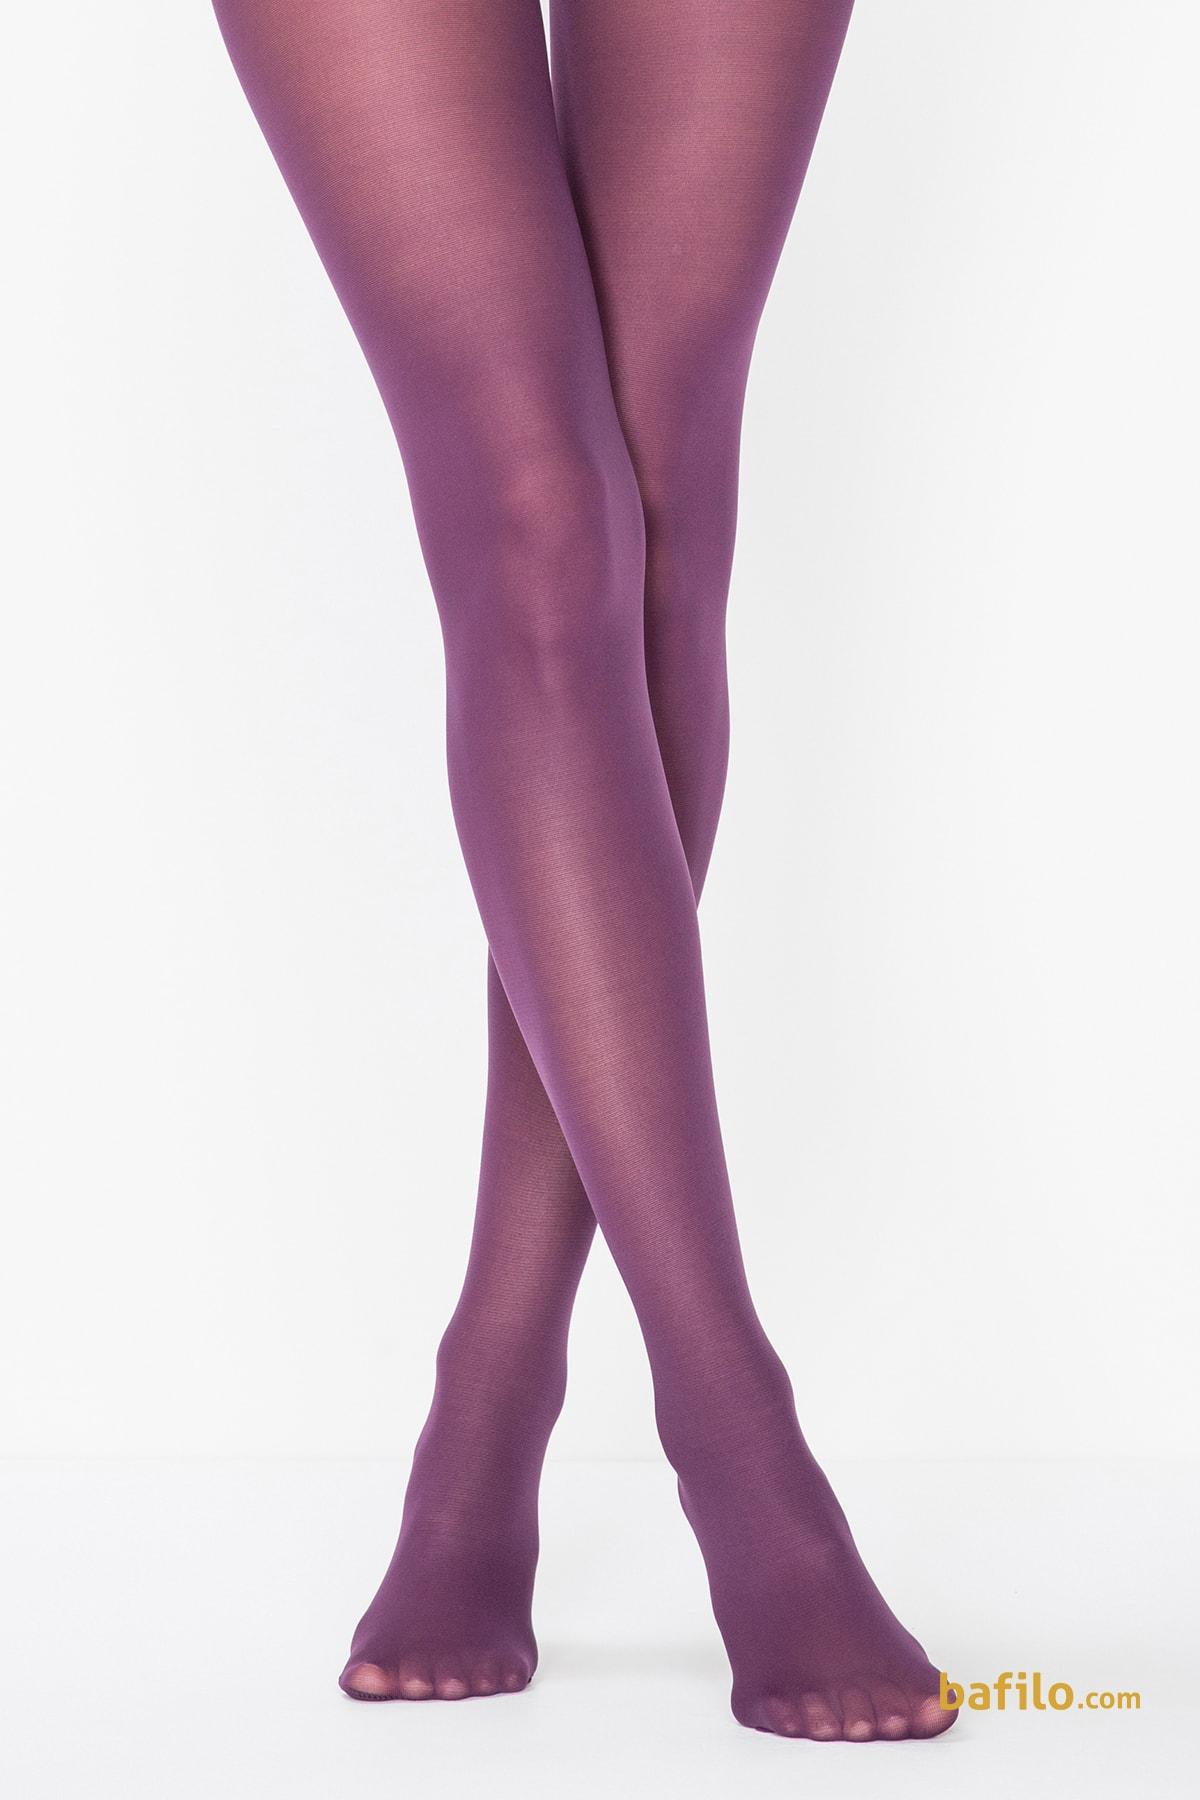 پنتی | Penti - جوراب شلواری زنانه پنتی Mikro 40 ارکیده